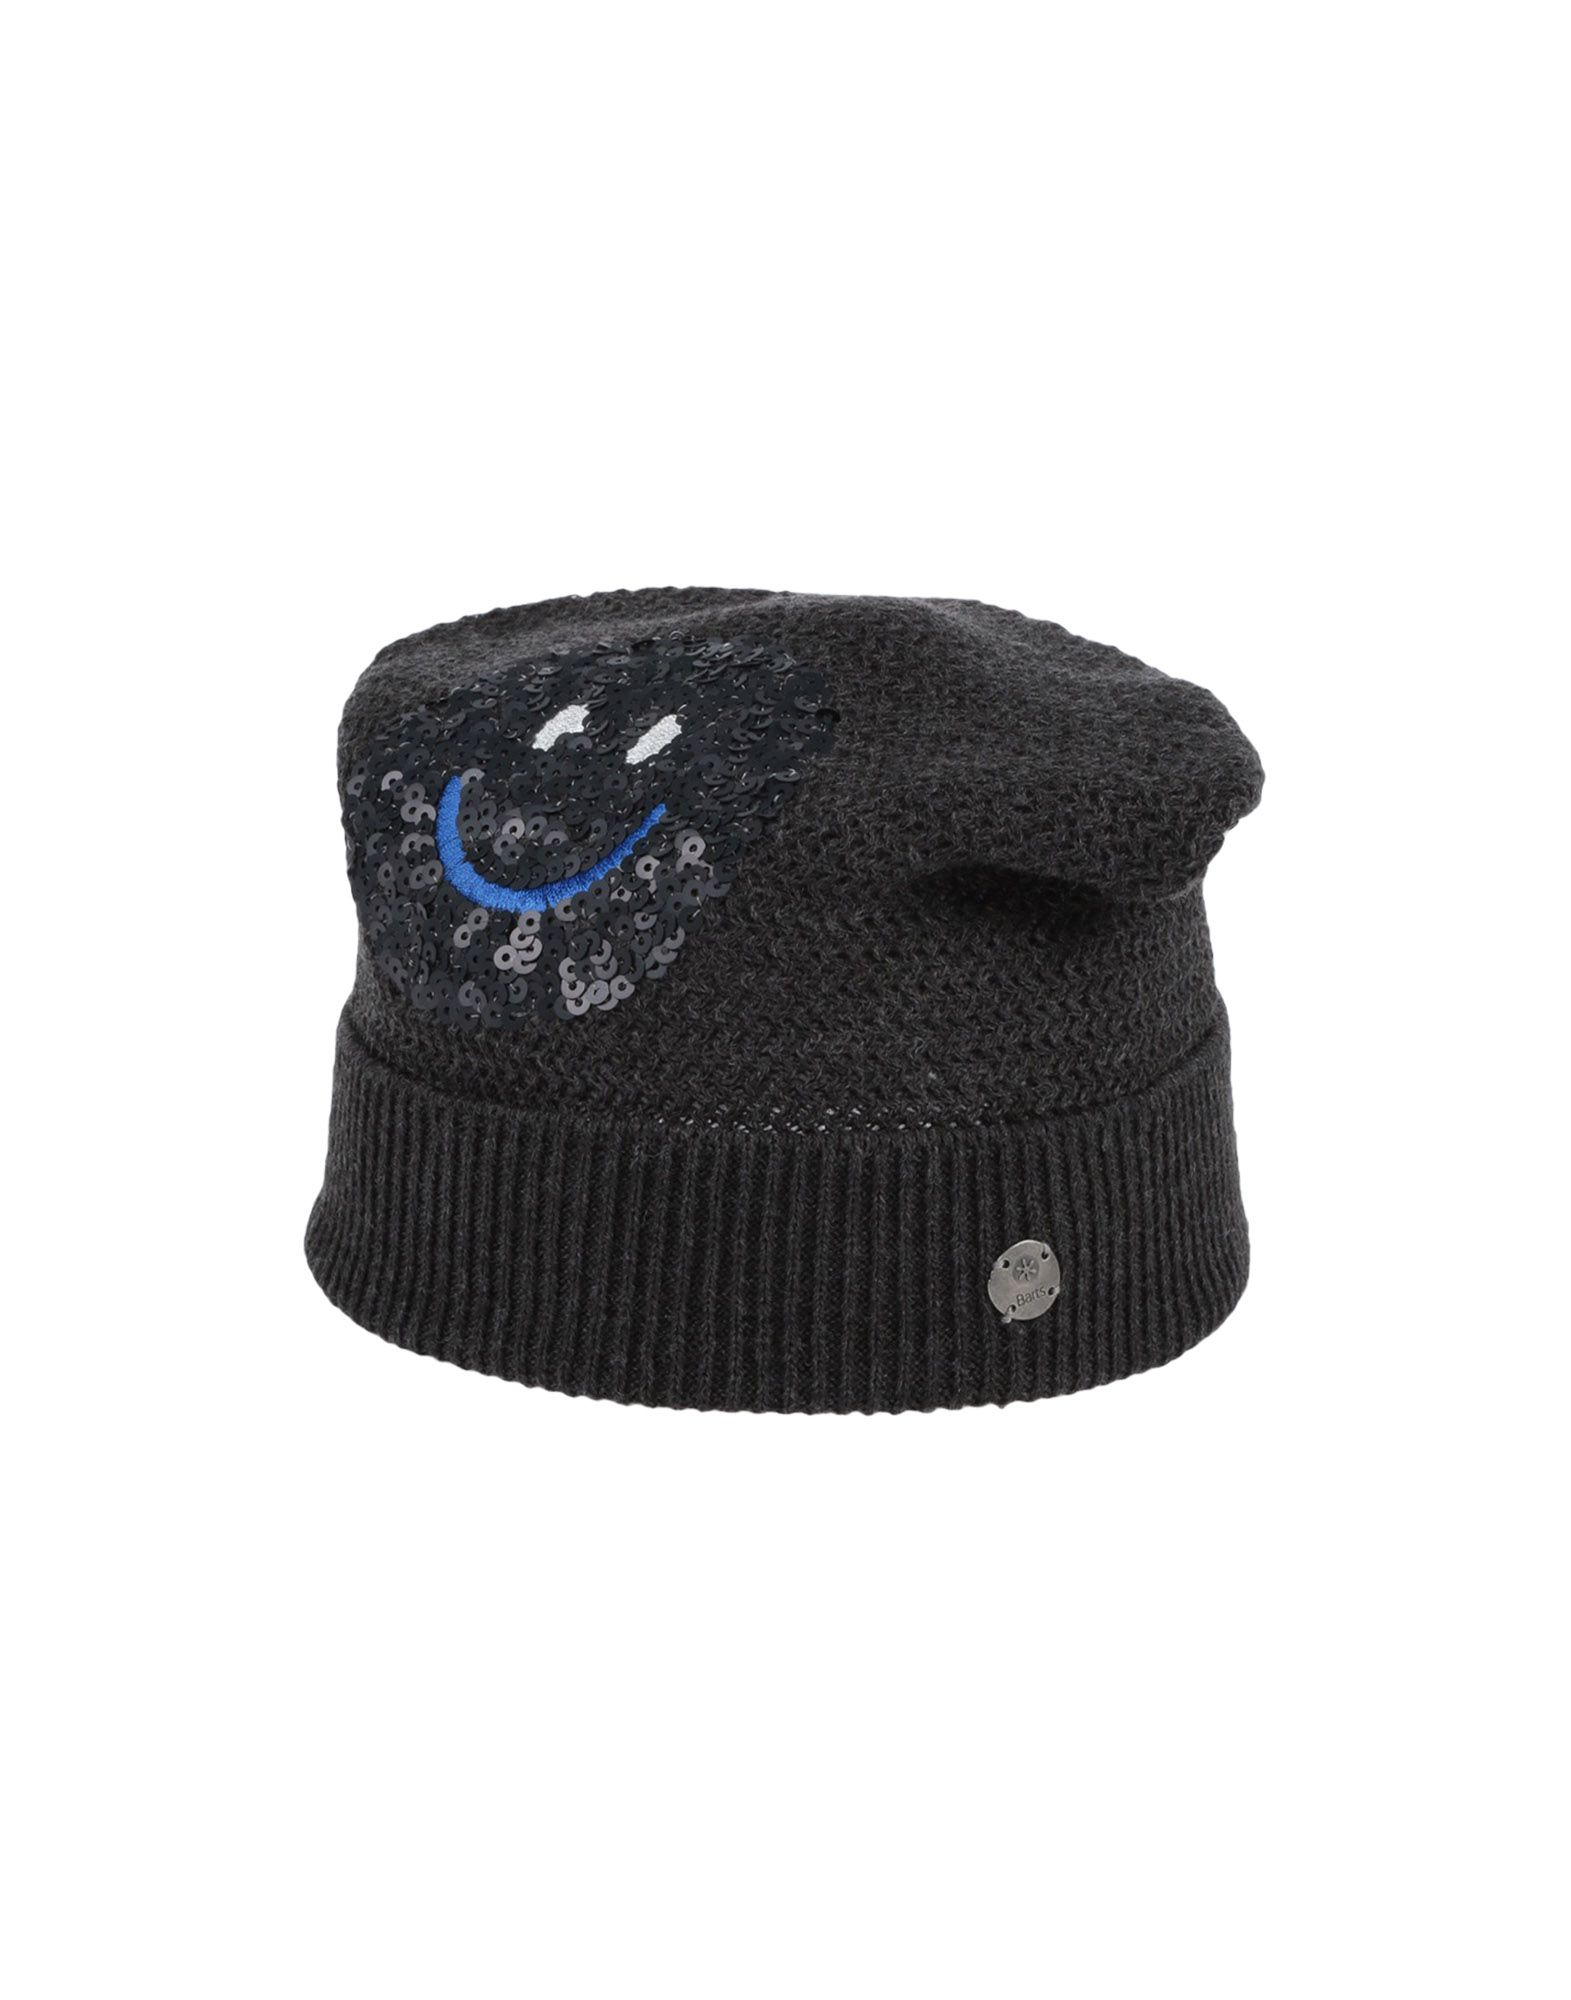 《送料無料》BARTS レディース 帽子 スチールグレー one size アクリル 100%